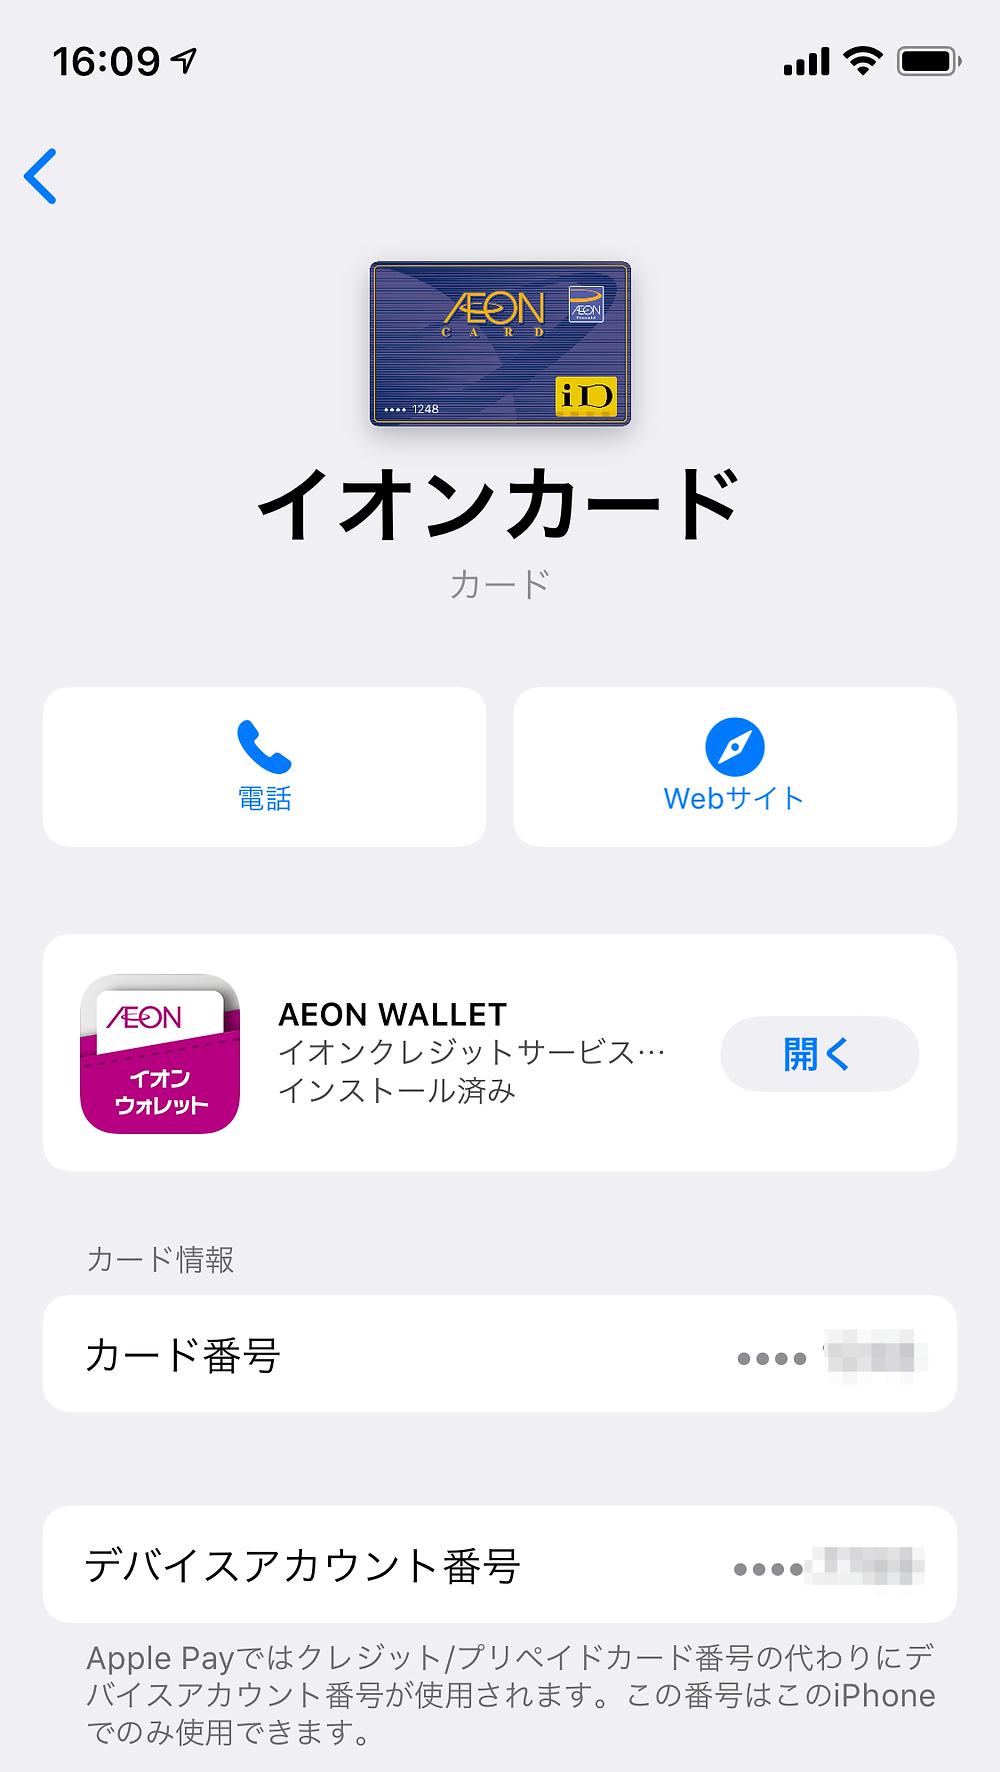 アメリカでApplePayが使えないクレジットカード